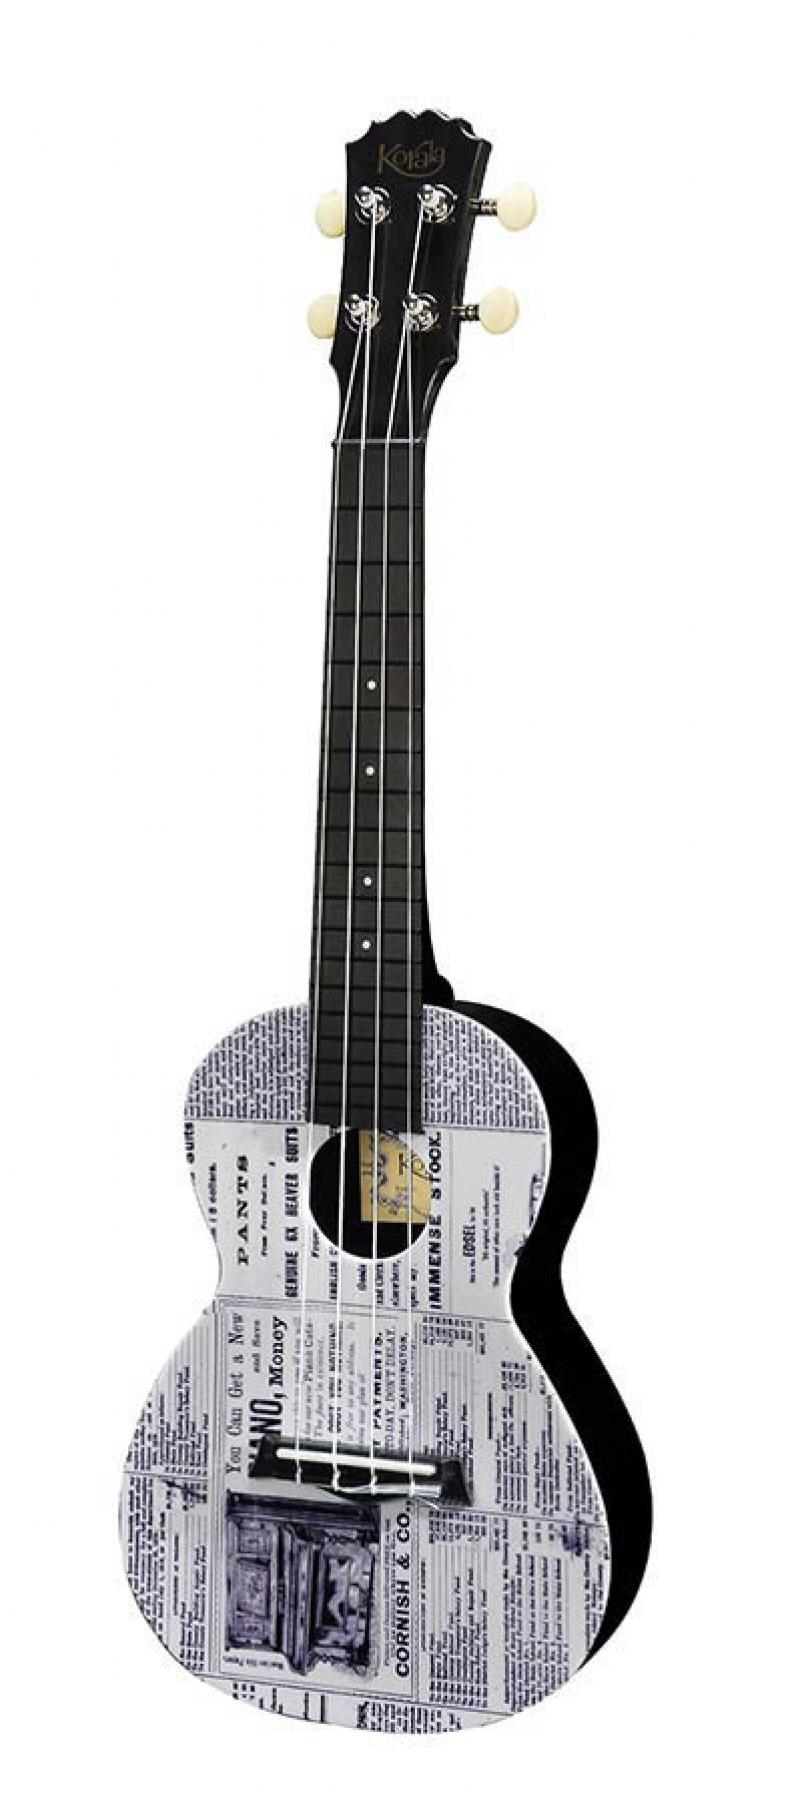 Korala PUC-30-018 ukulele